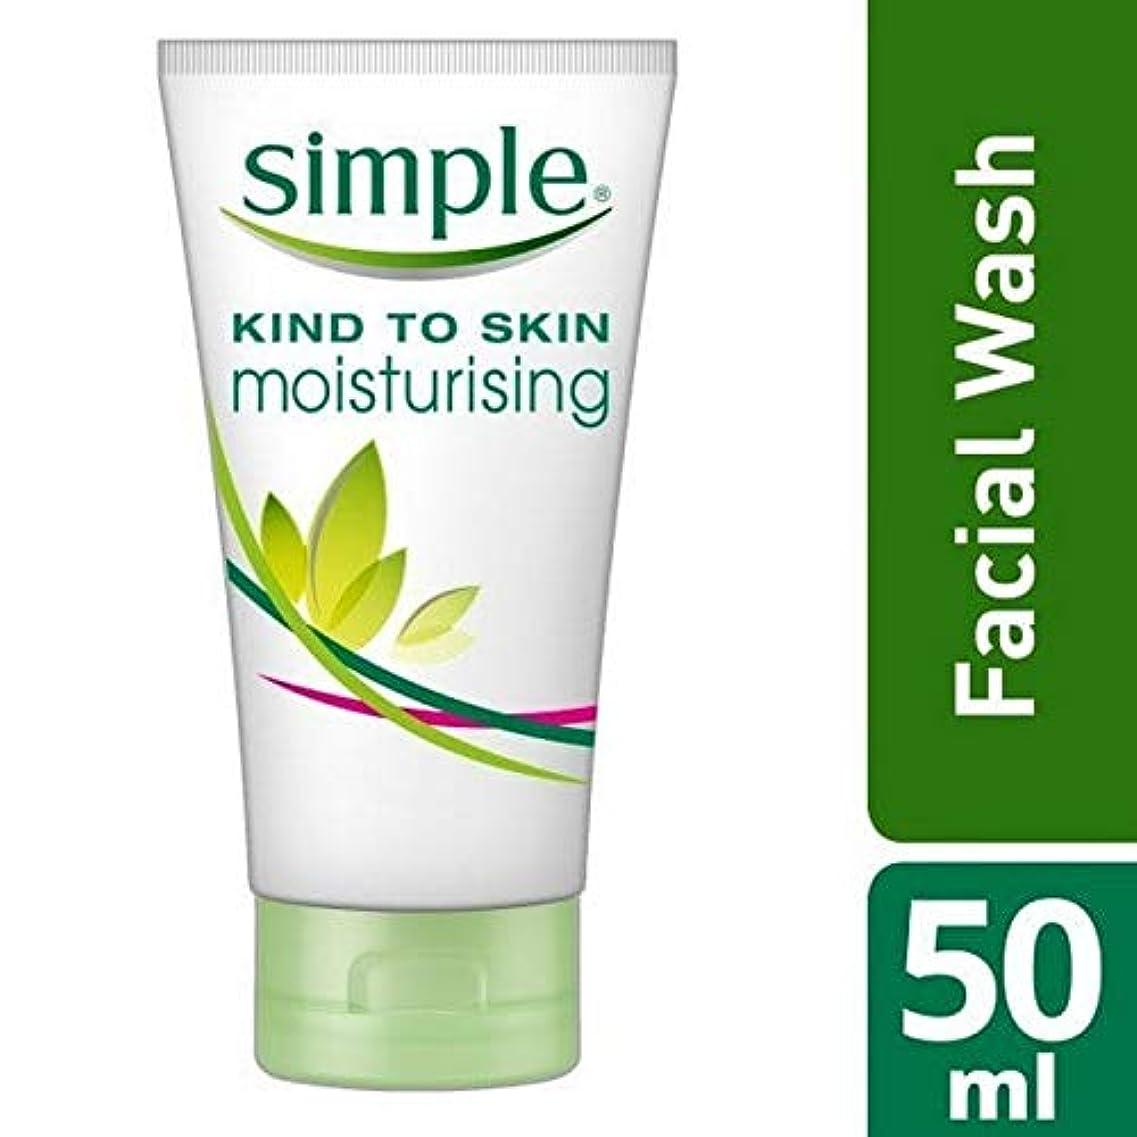 牛肉本気貫入[Simple ] 洗顔50ミリリットルを保湿肌への単純な種類 - Simple Kind To Skin Moisturising Facial Wash 50ml [並行輸入品]